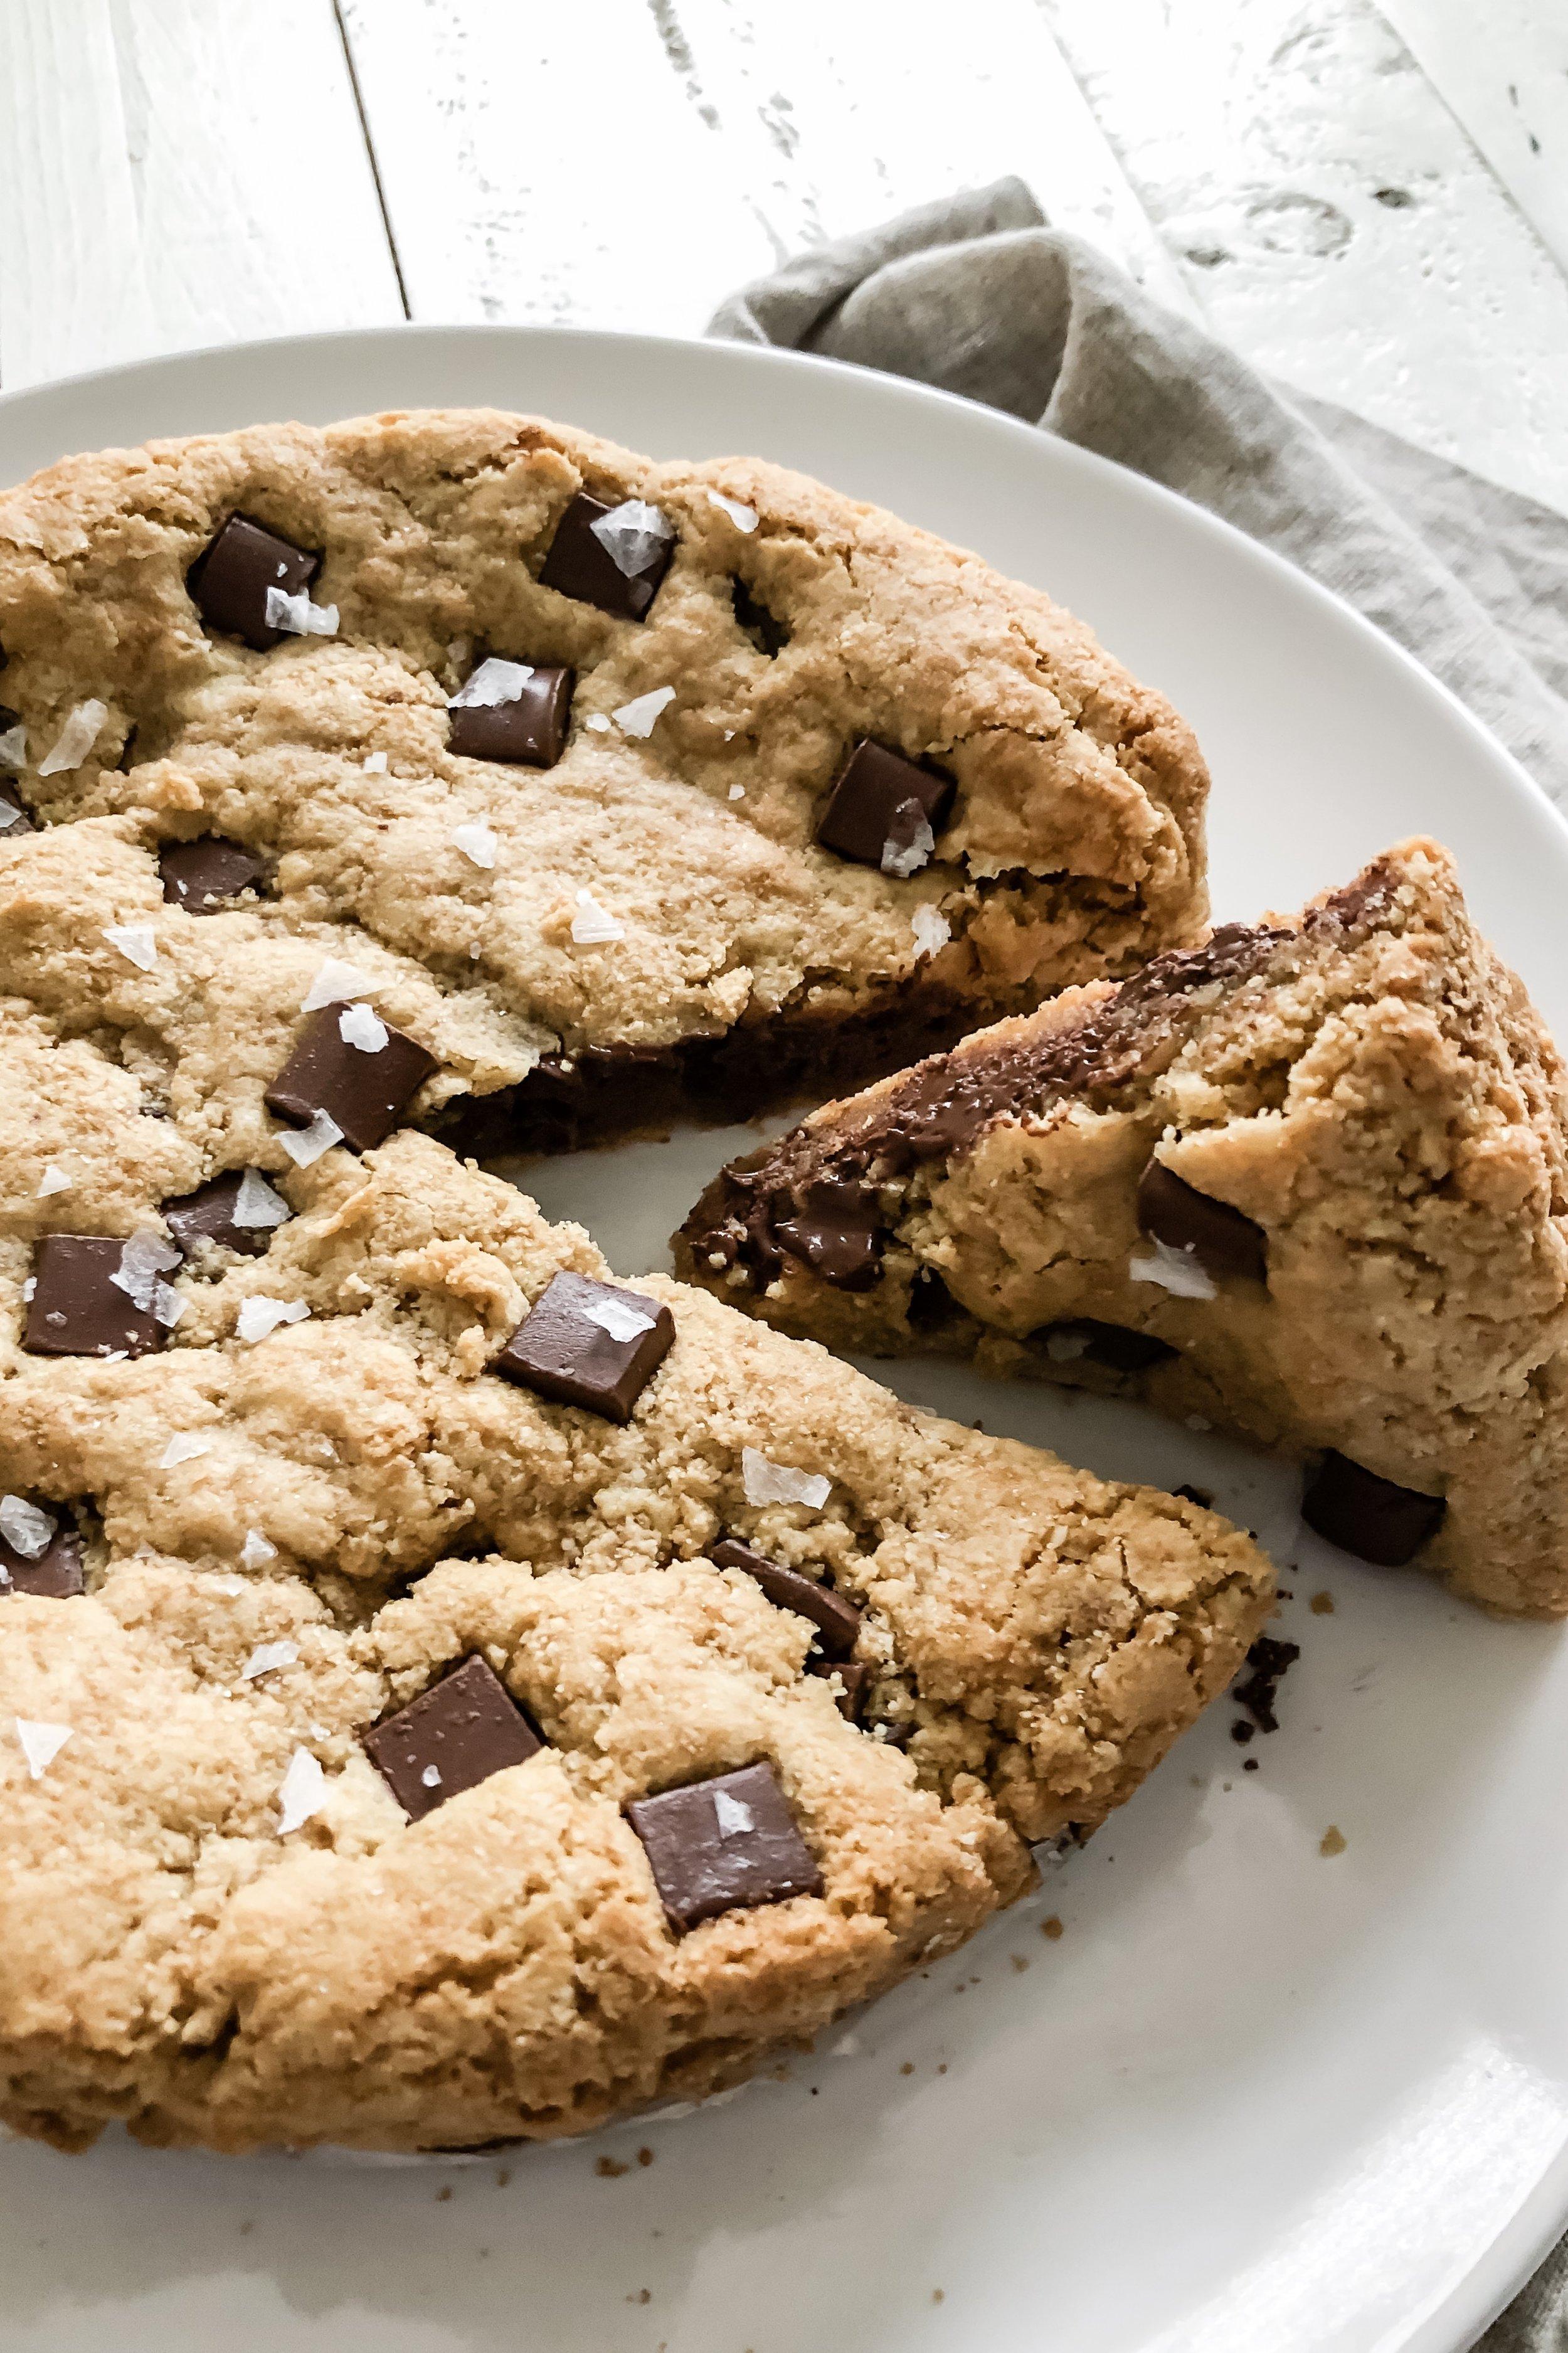 chocolatechunkcookiecake_4jpeg